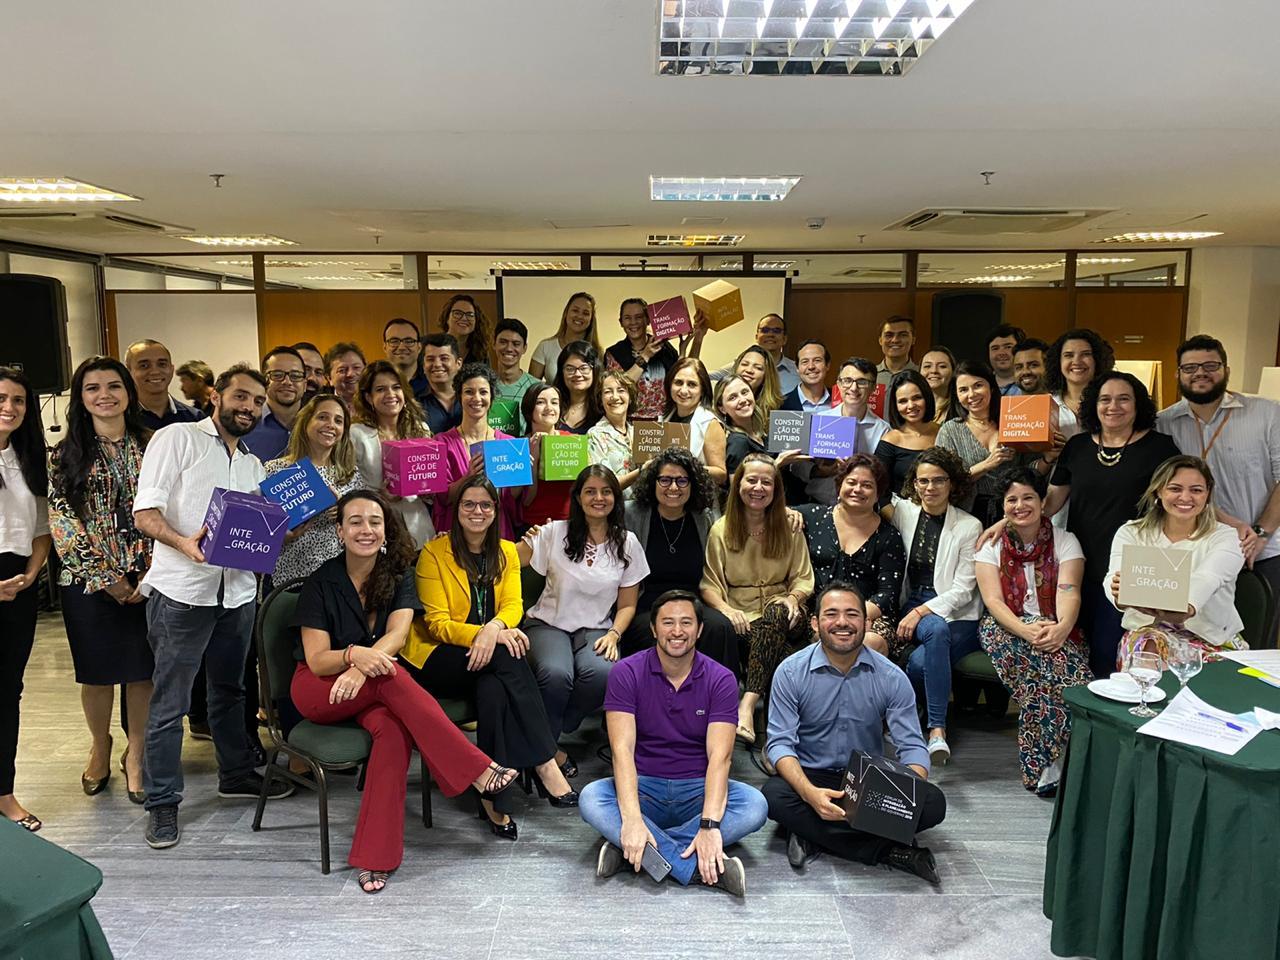 Etice participa da Oficina de Criação do Laboratório de Inovação do Governo do Ceará